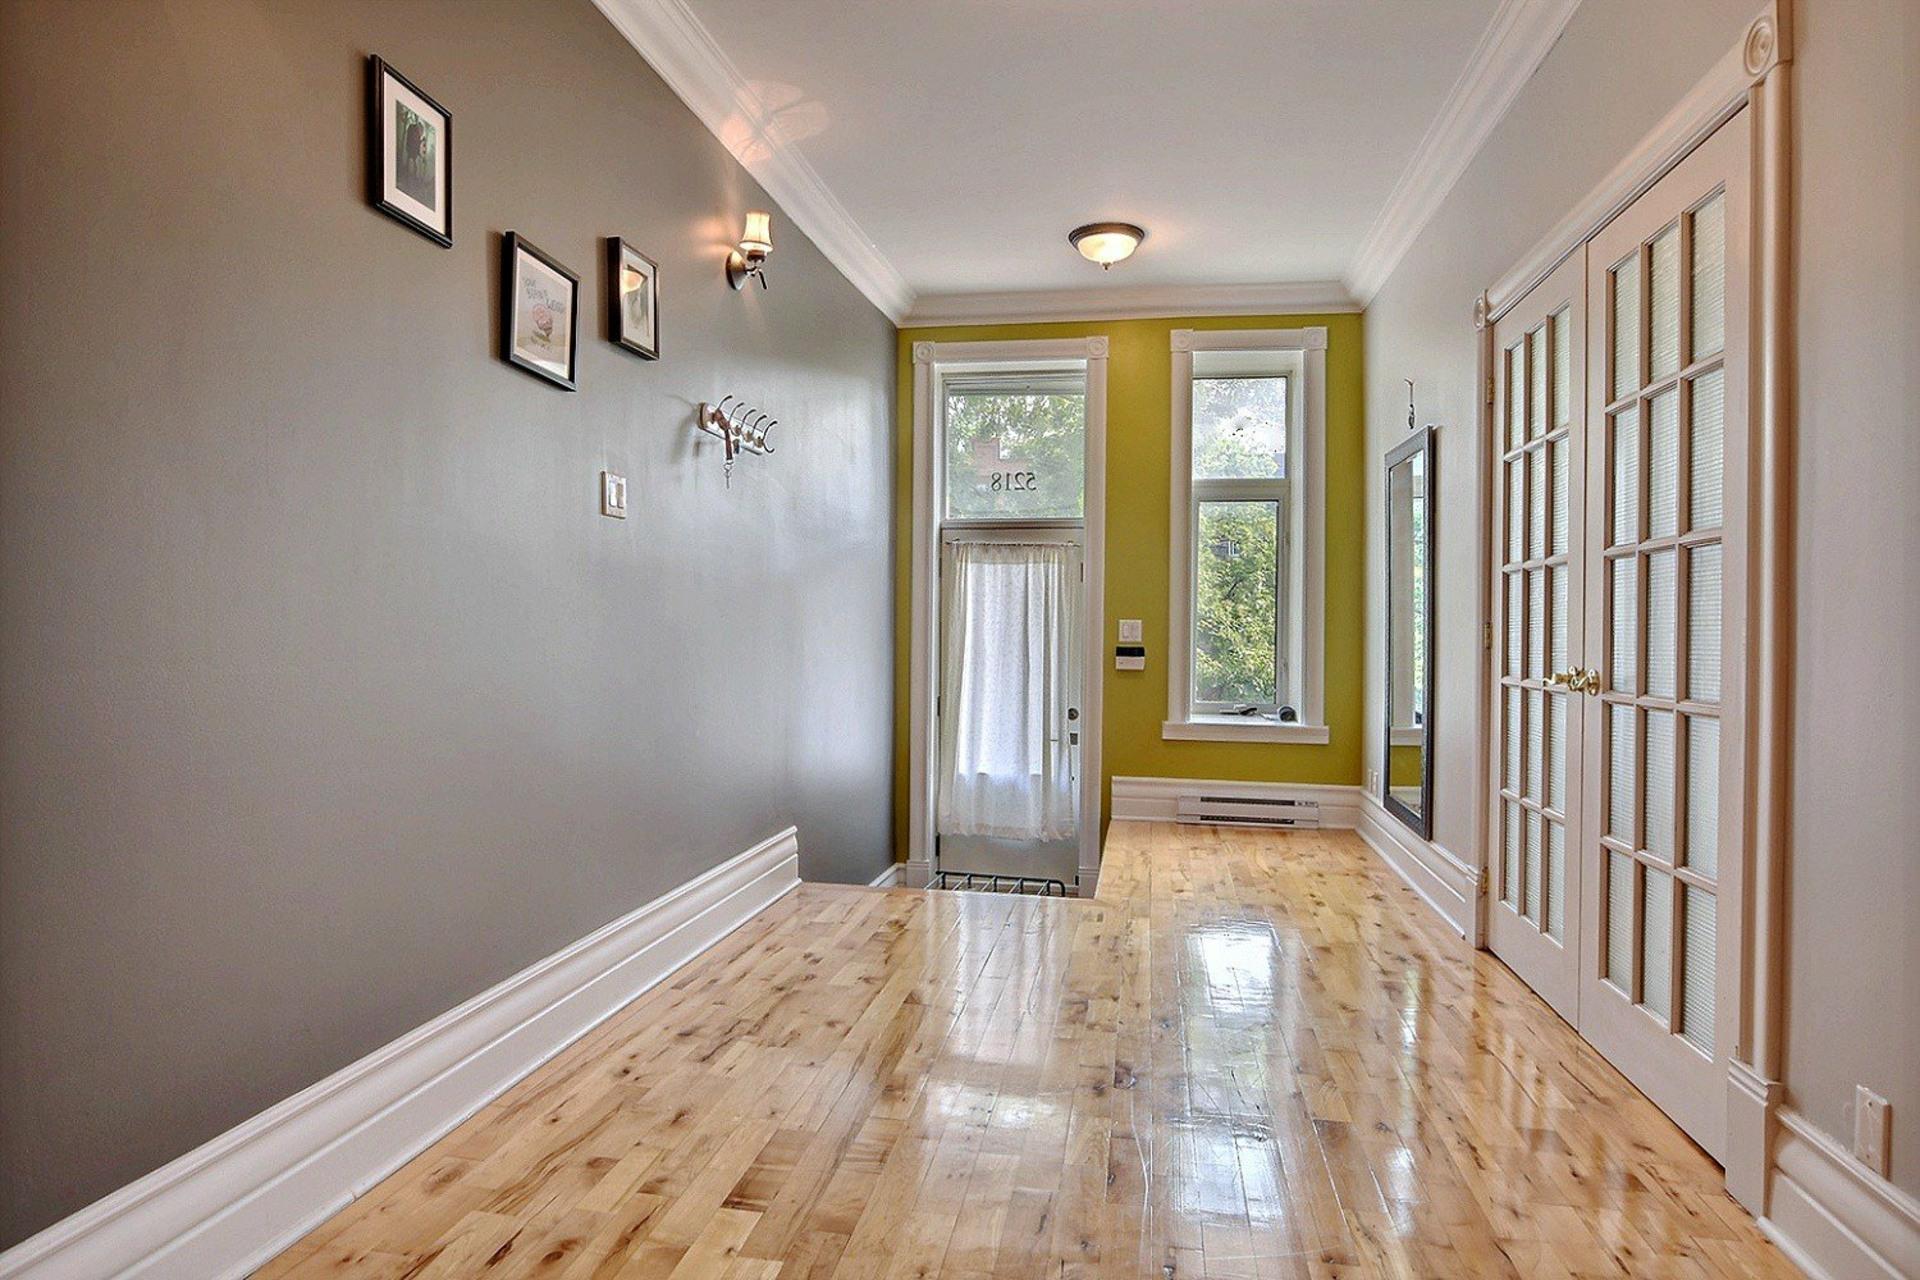 image 9 - Appartement À vendre Montréal Le Plateau-Mont-Royal  - 5 pièces